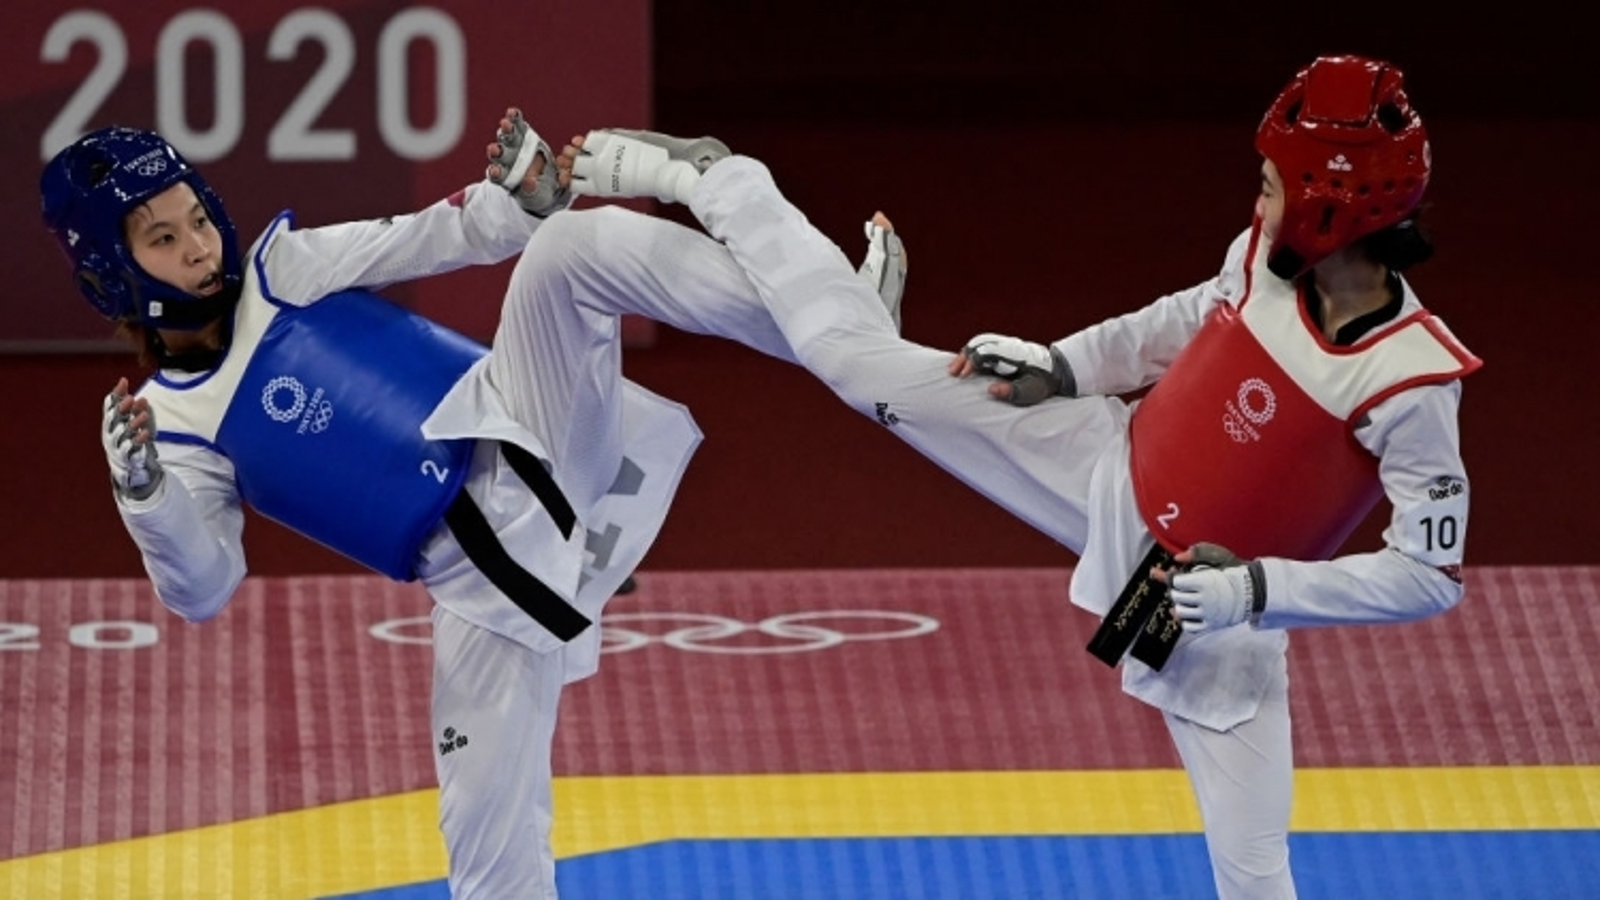 Trực tiếp thể thao Việt Nam ở Olympic ngày 24/7: Kim Tuyền vẫn có thể tranh HCĐ